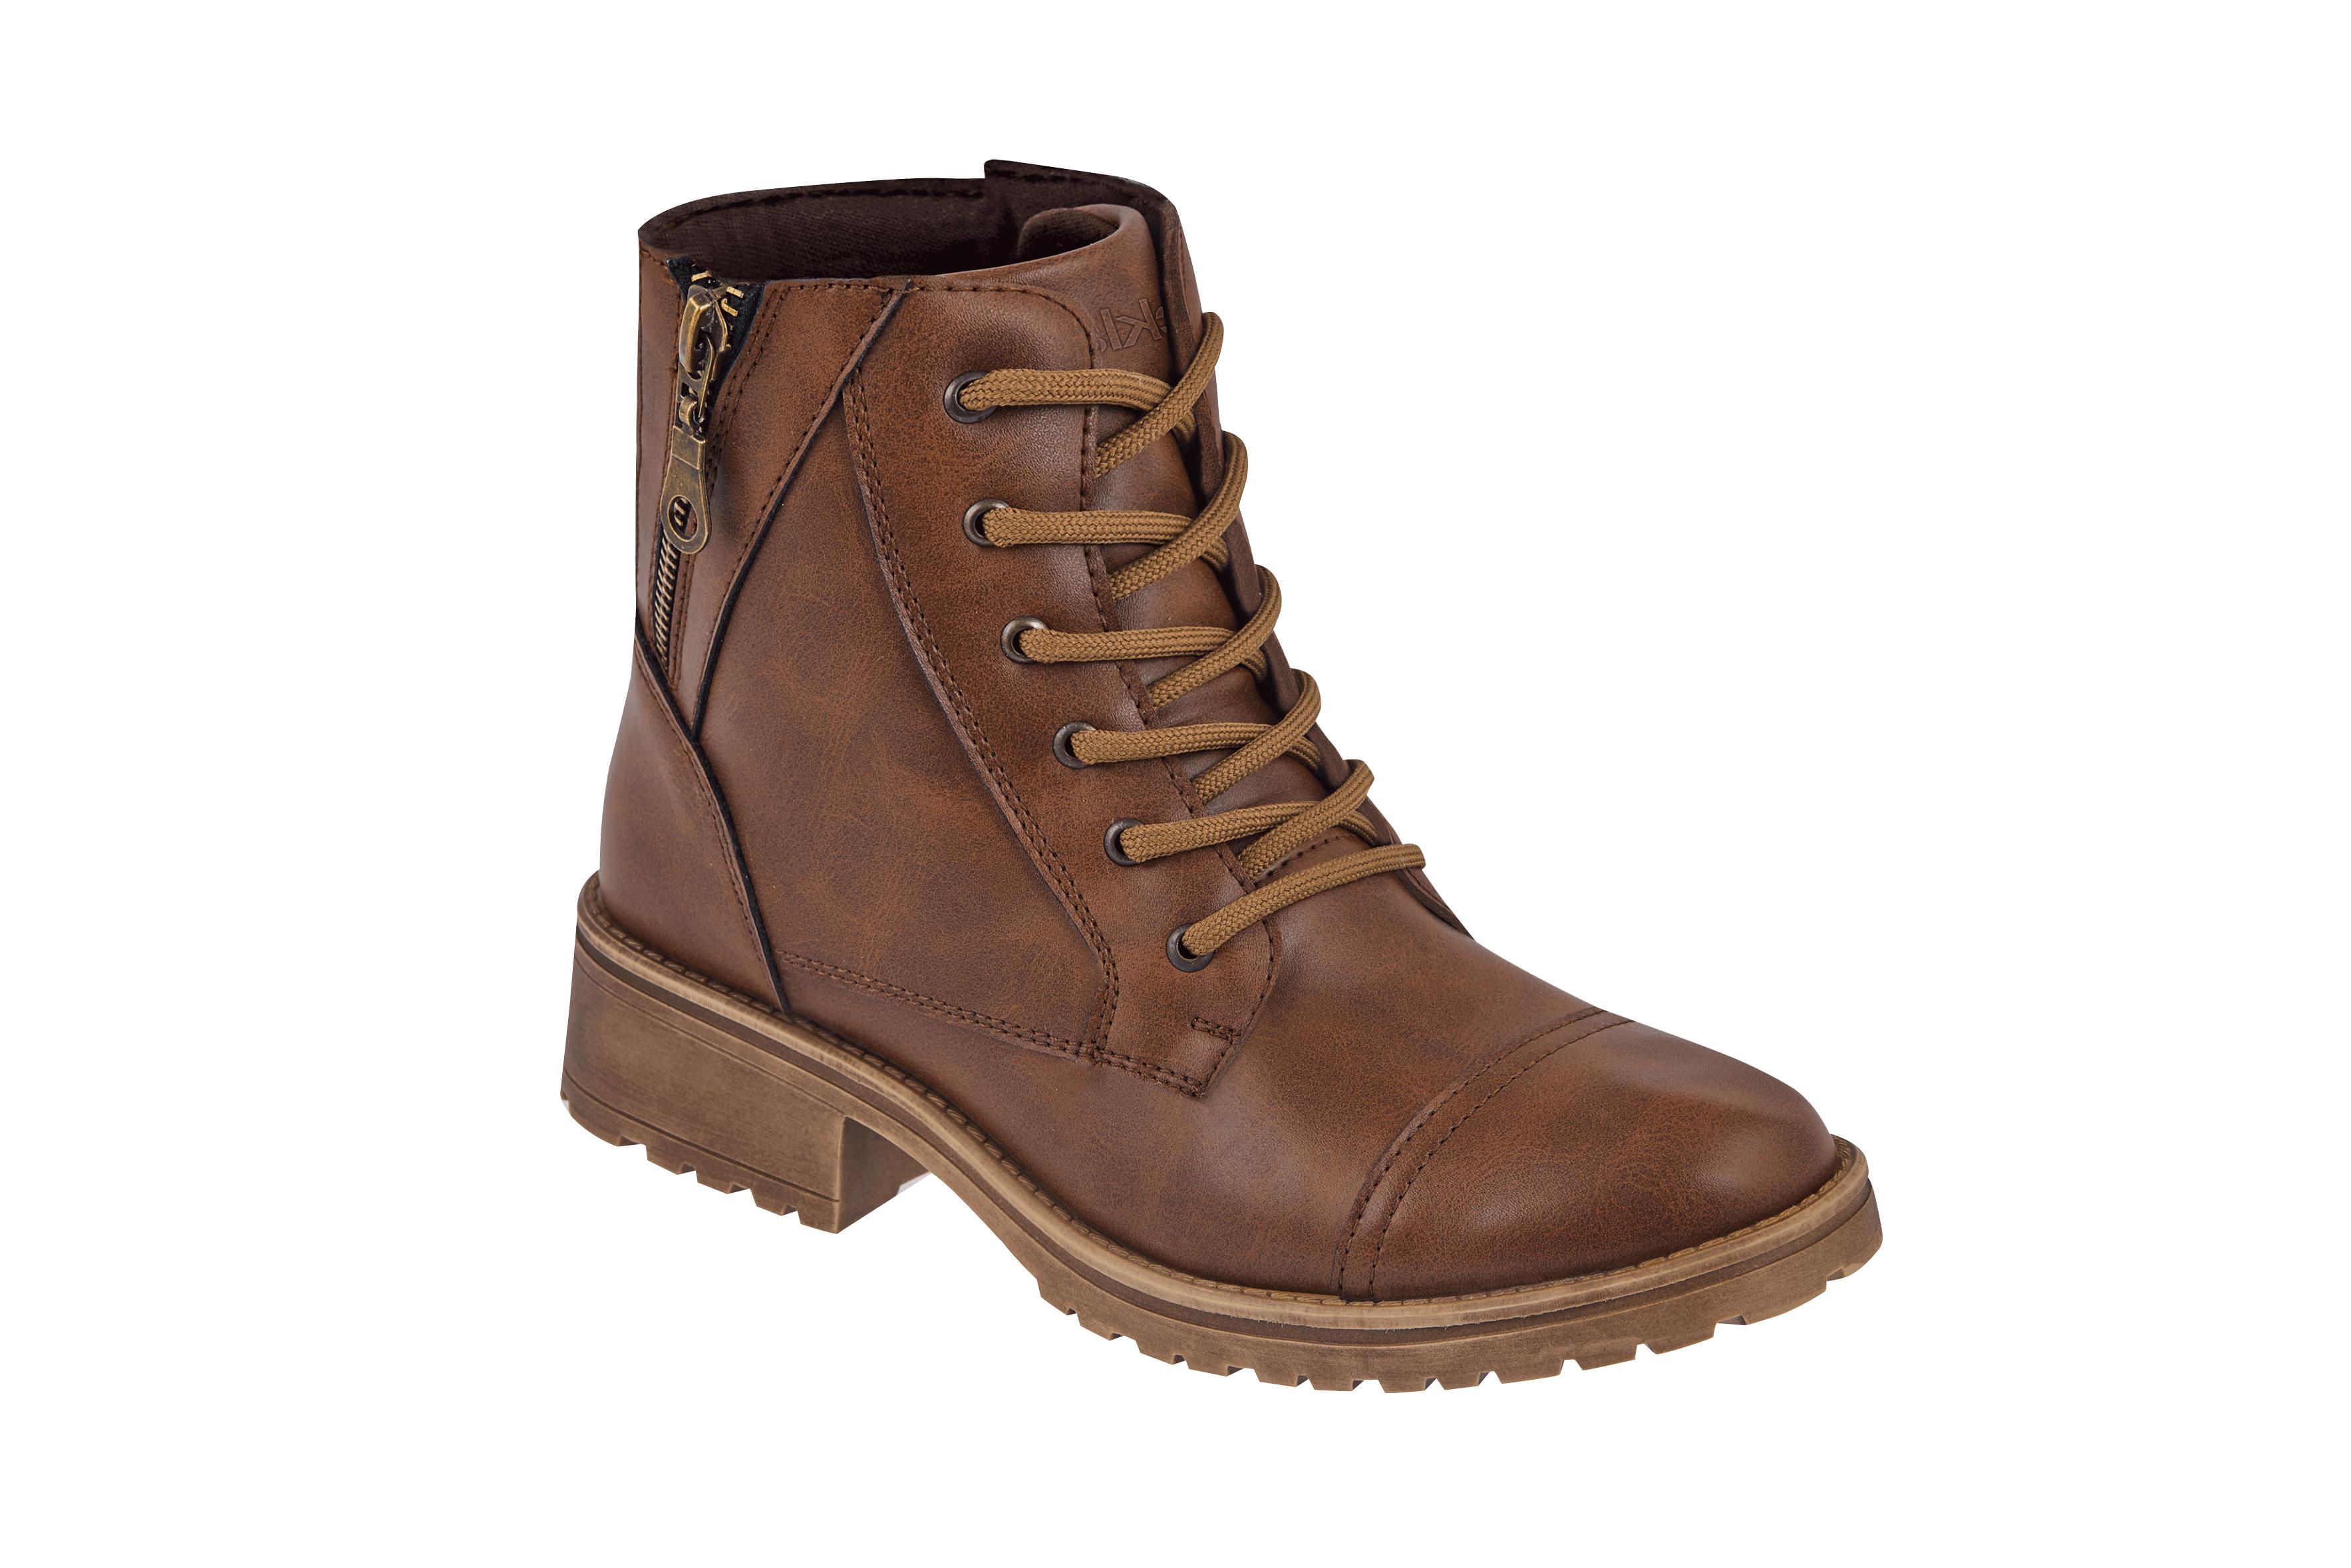 marcas reconocidas Donde comprar nuevo estilo de 467-07 Calzado Dama Cklass - Catalogo: Urban PV19-69 - CAMEL ...